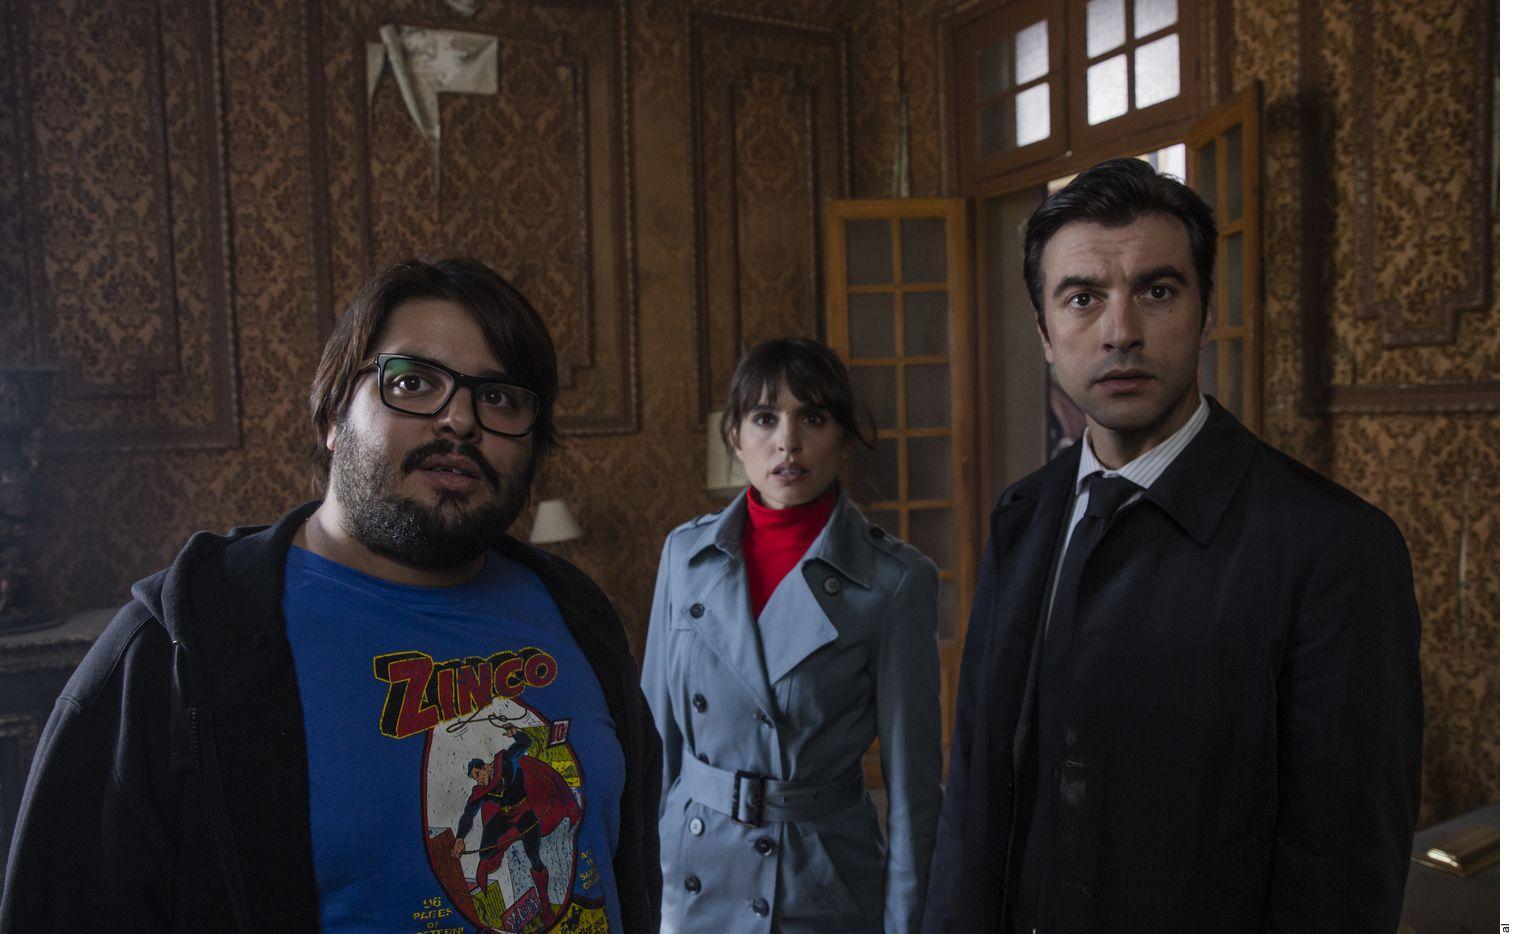 """""""Orígenes Secreto""""s es una película española basada en la novela escrita por su director David Galán Galindo en la que explora los equivalentes actuales y reales del universo de los superhéroes."""